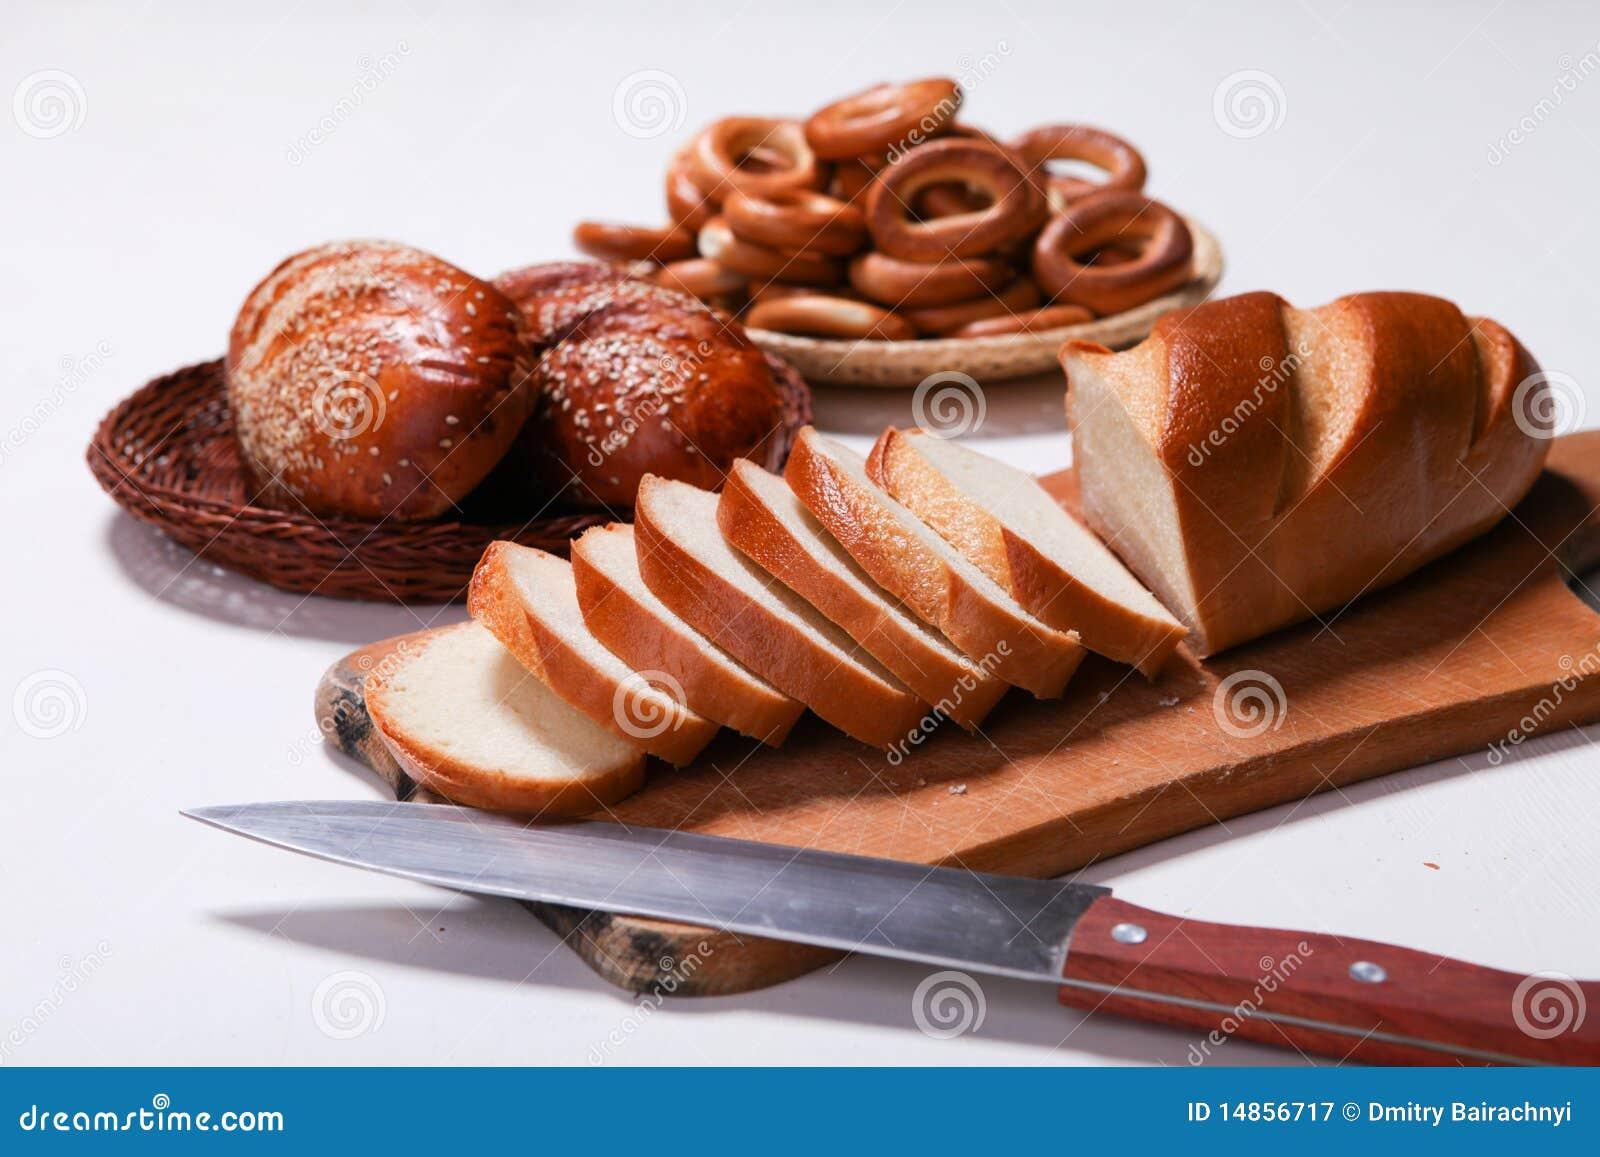 Fresh good bread